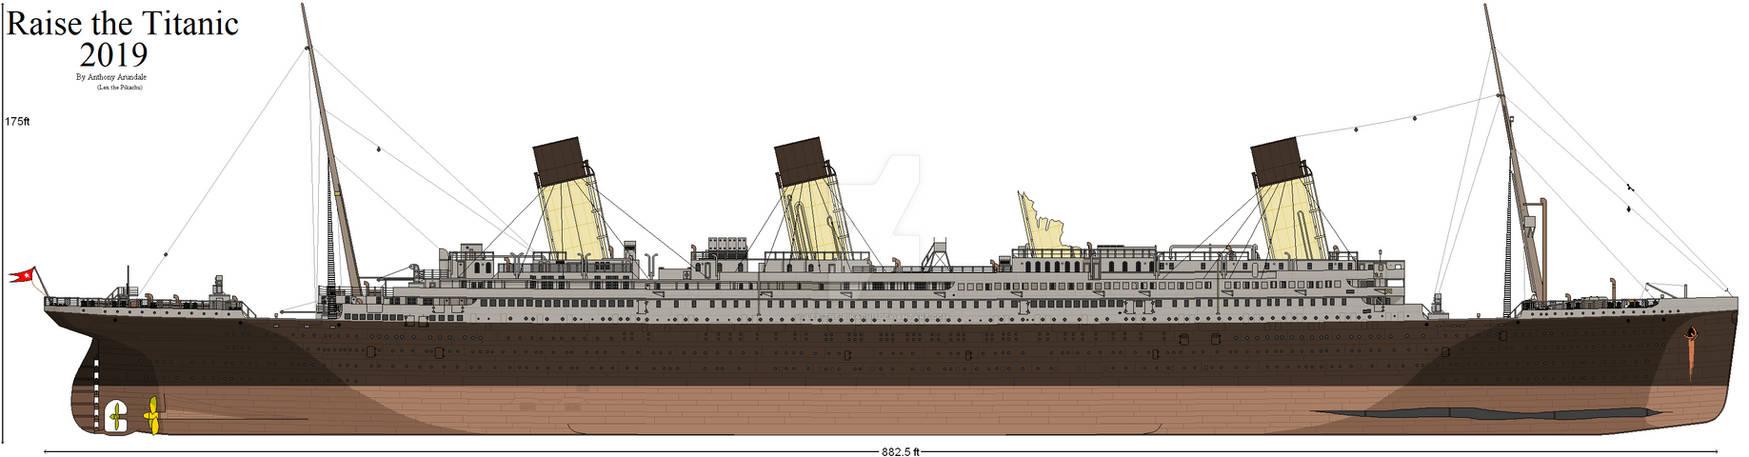 Raise the Titanic 2019